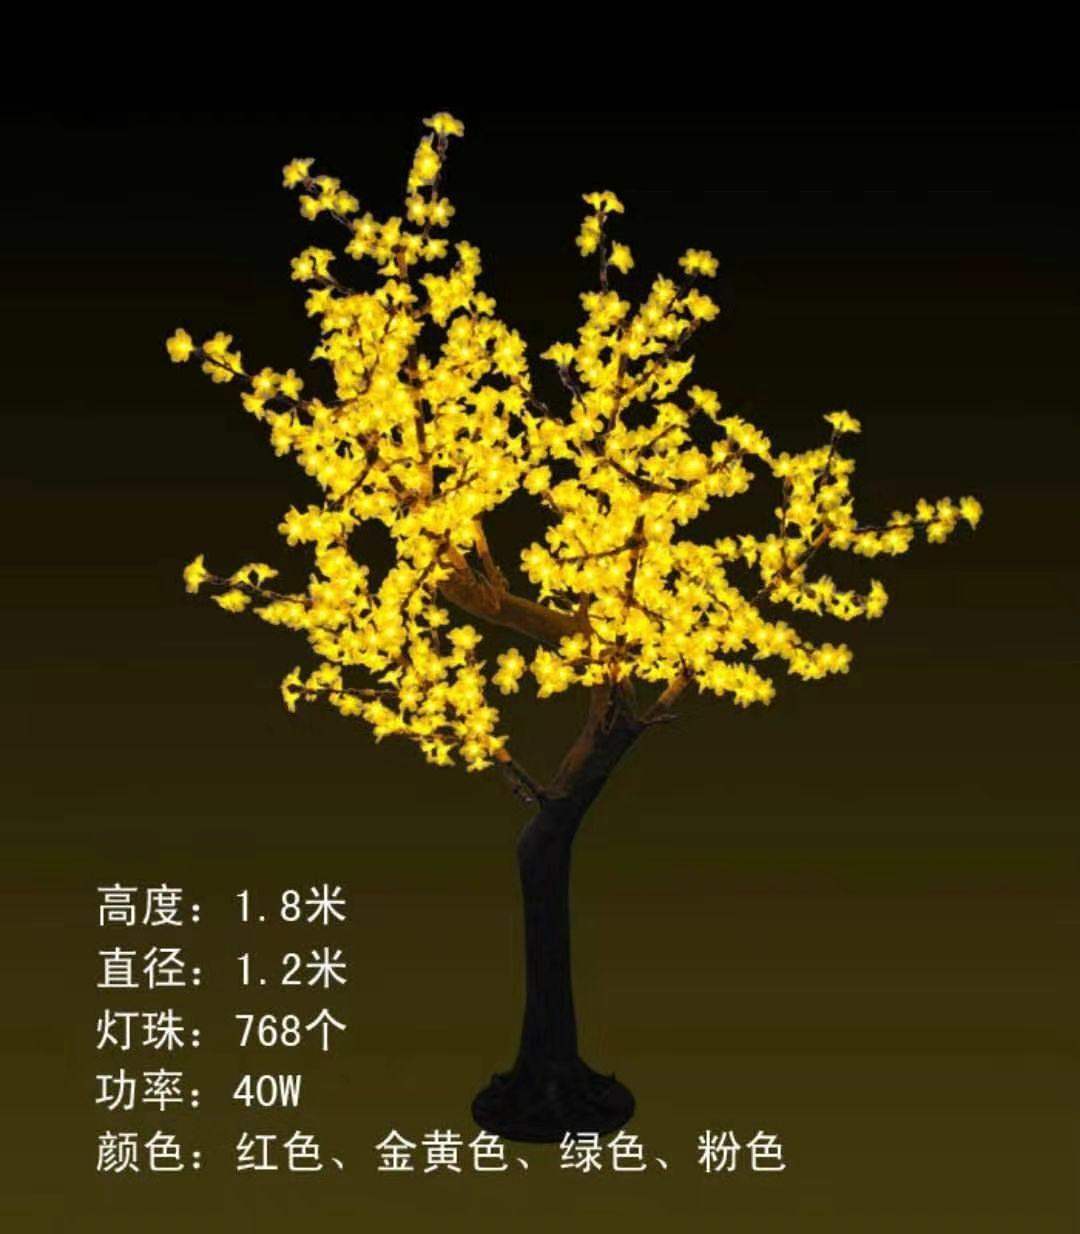 邢台优质的LED树灯哪里买_LED树灯规格